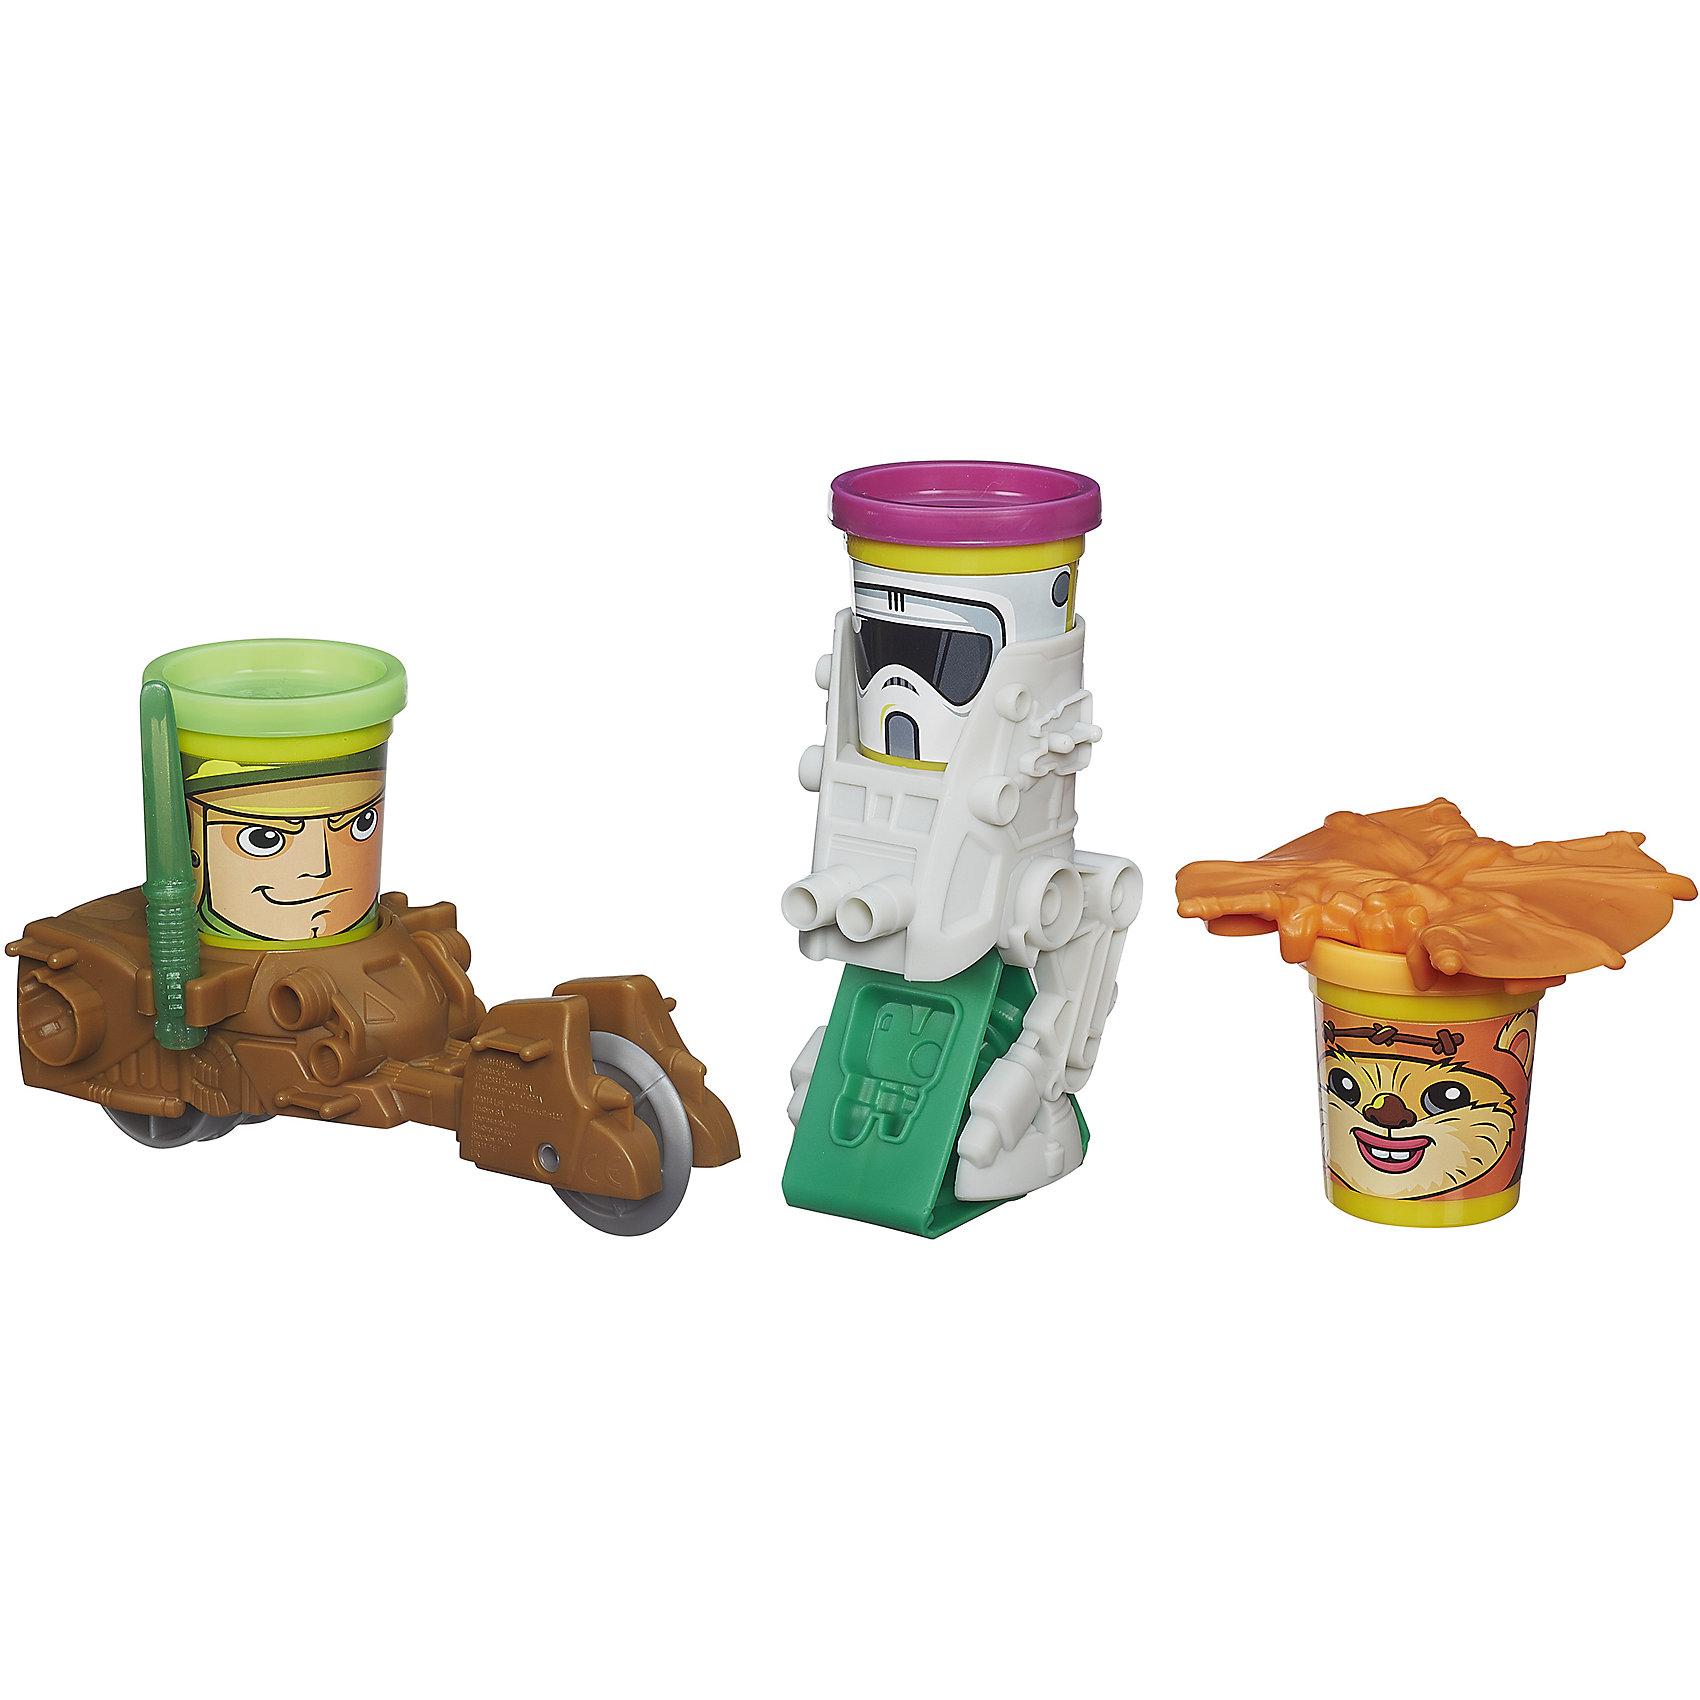 Hasbro Транспортные средства героев Звездных войн, Play-Doh, var 1 hasbro play doh игровой набор из 3 цветов цвета в ассортименте с 2 лет